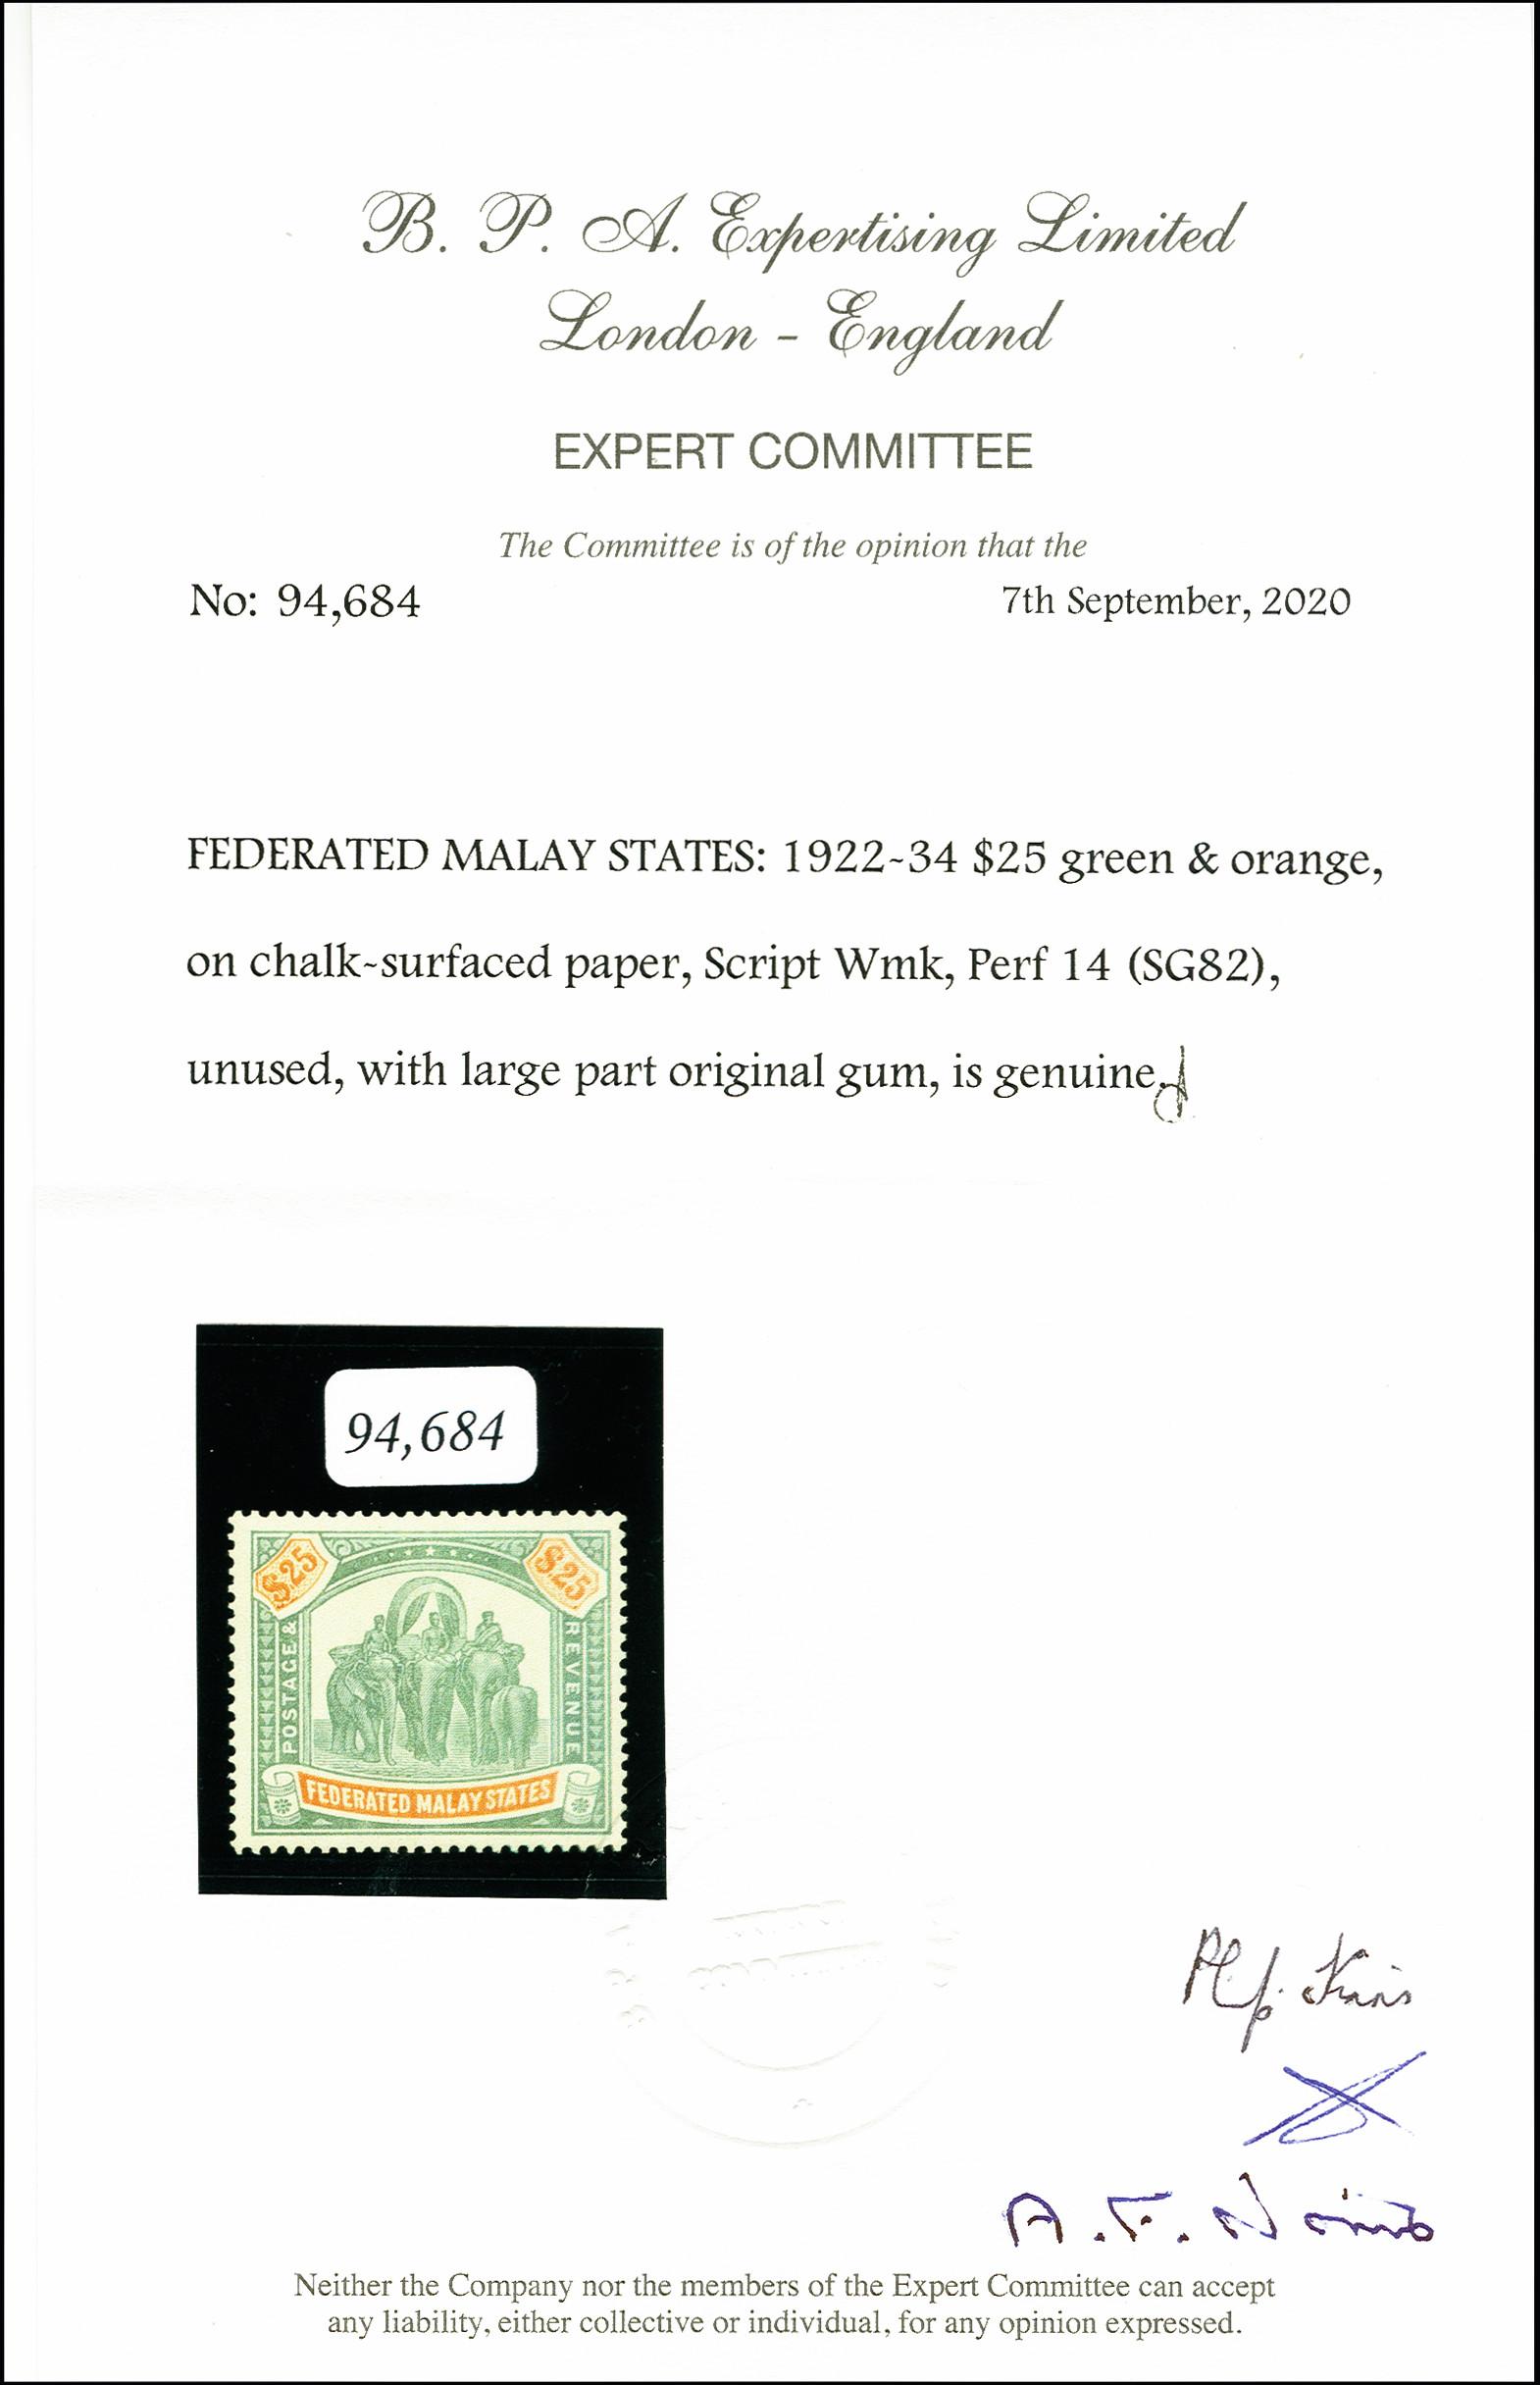 Lot 2055 - Britisch Commonwealth federated malay states -  Heinrich Koehler Auktionen 375rd Heinrich Köhler auction - Day 1